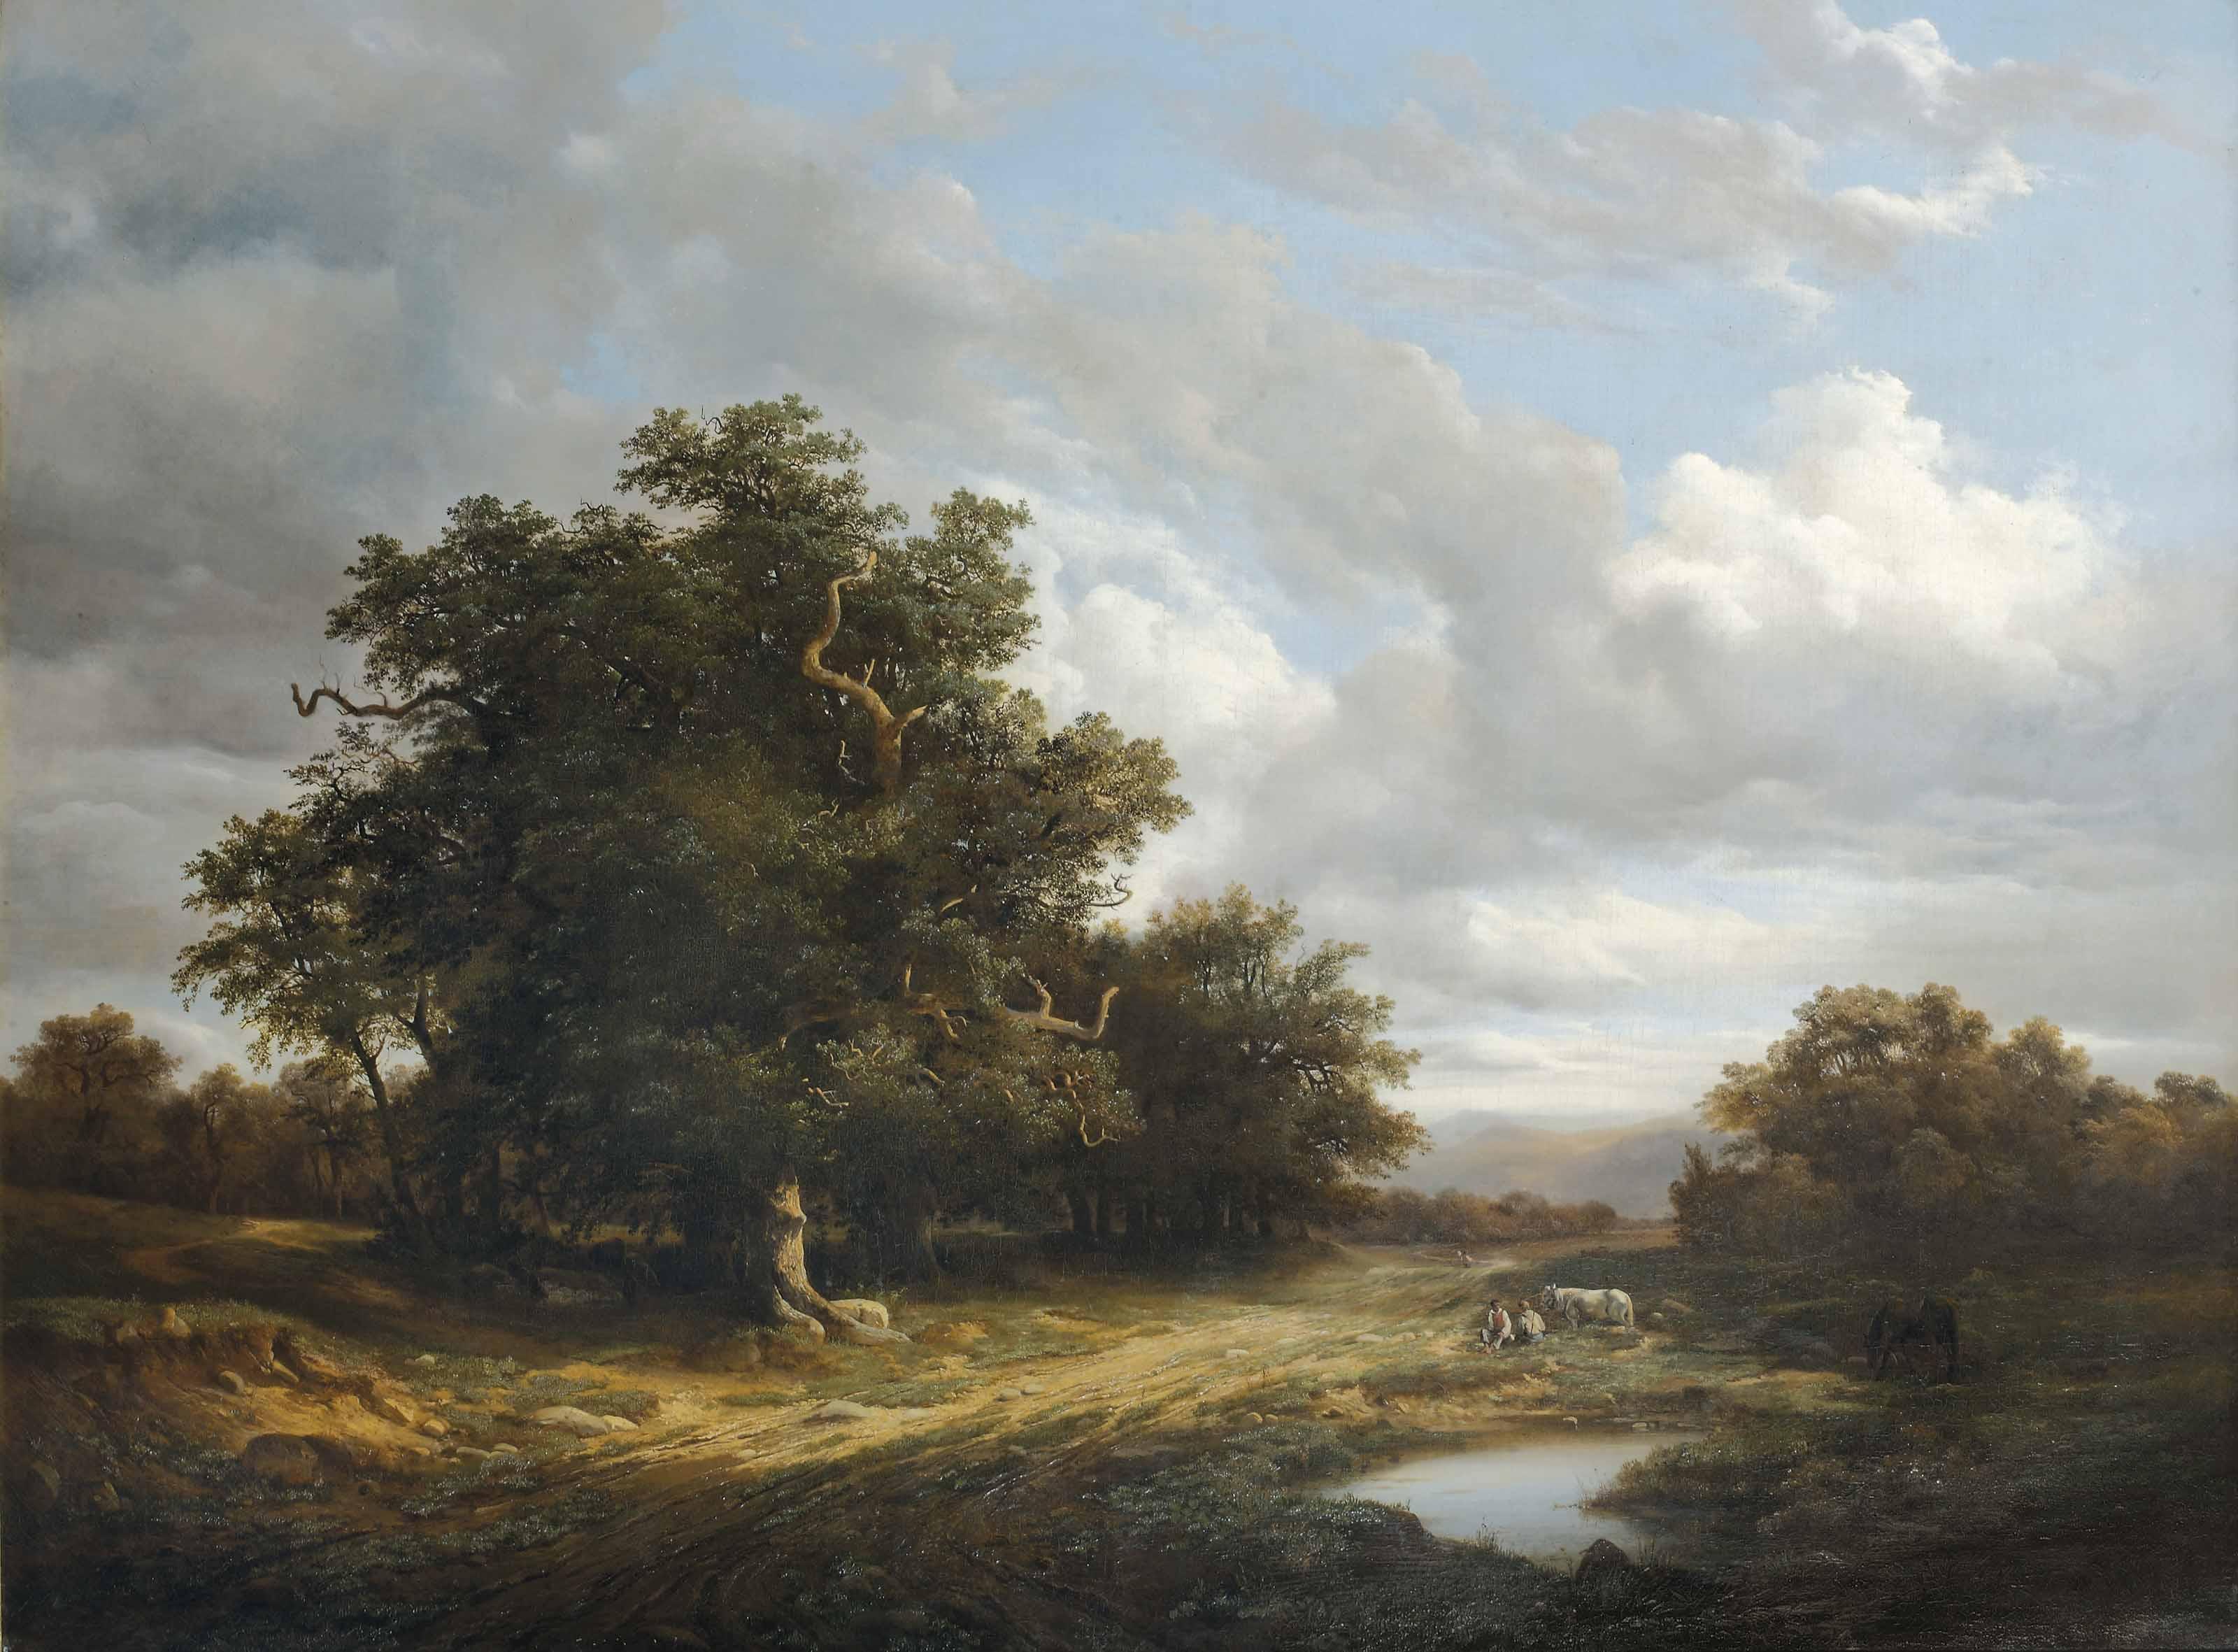 Alexandre Calame (Swiss, 1810-